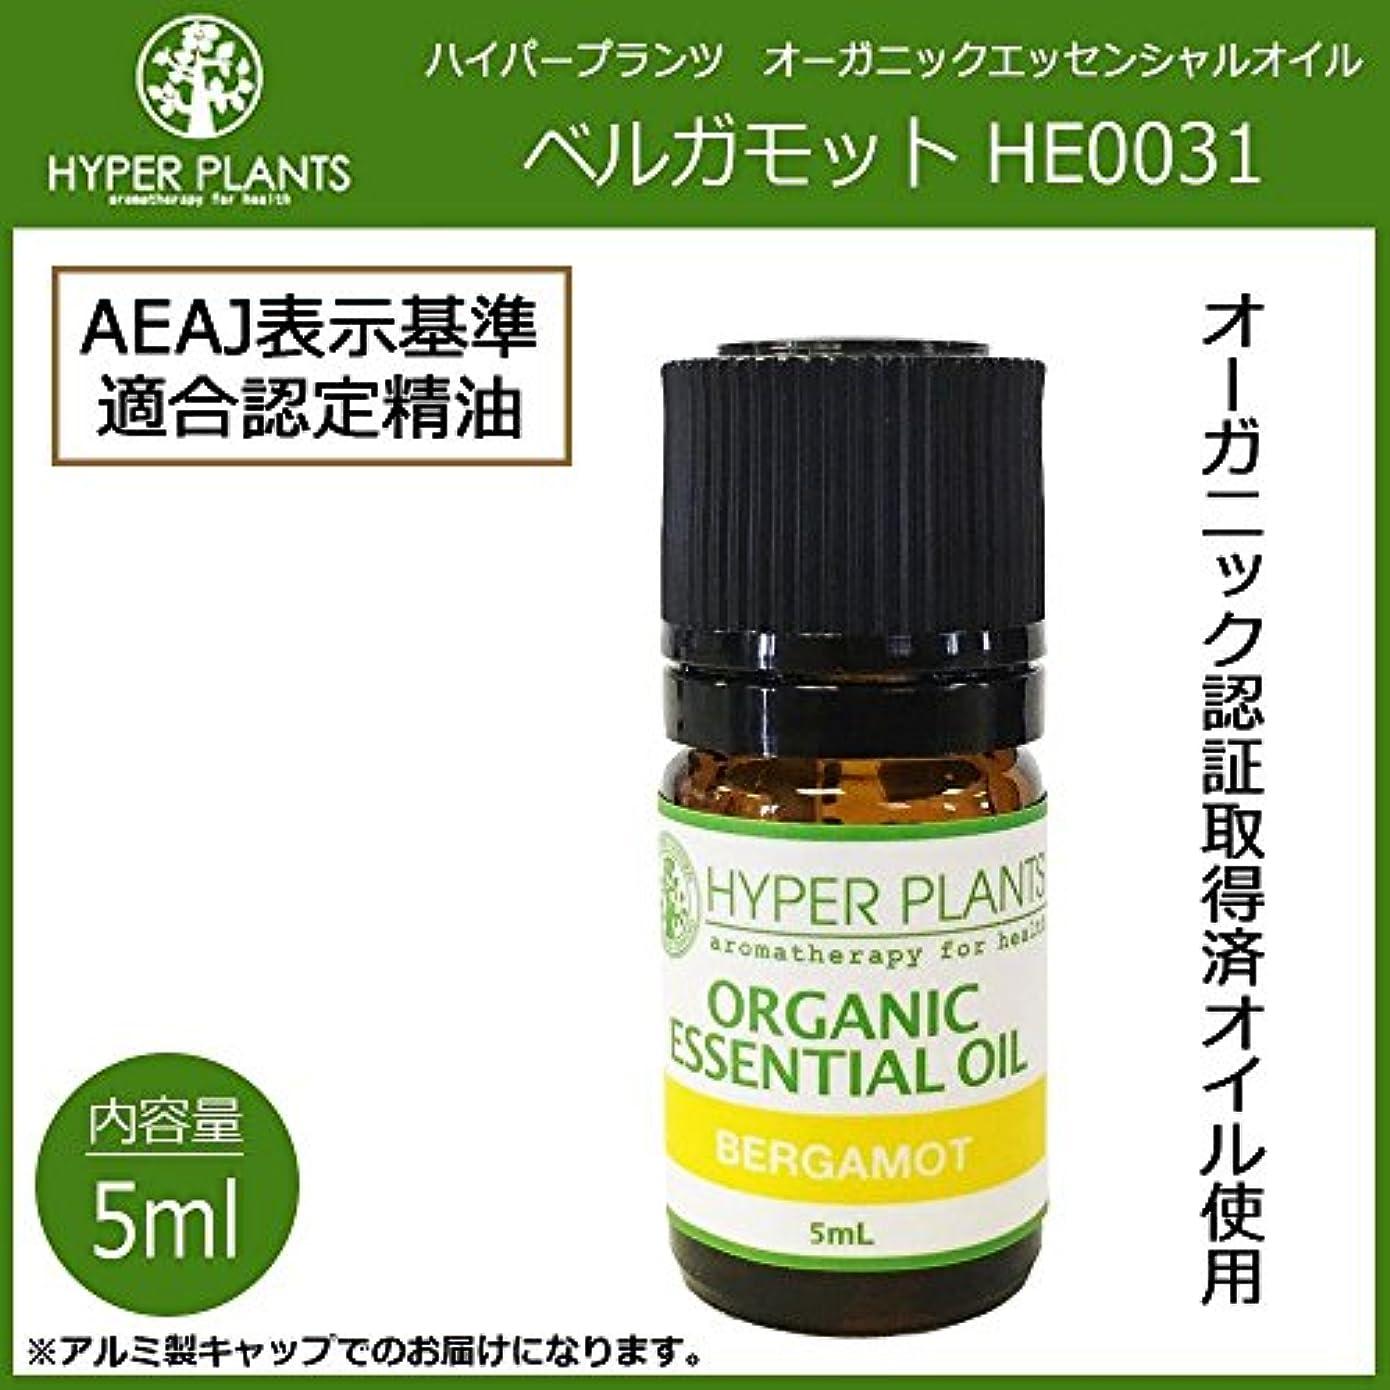 実際に未使用論理HYPER PLANTS ハイパープランツ オーガニックエッセンシャルオイル ベルガモット 5ml HE0031